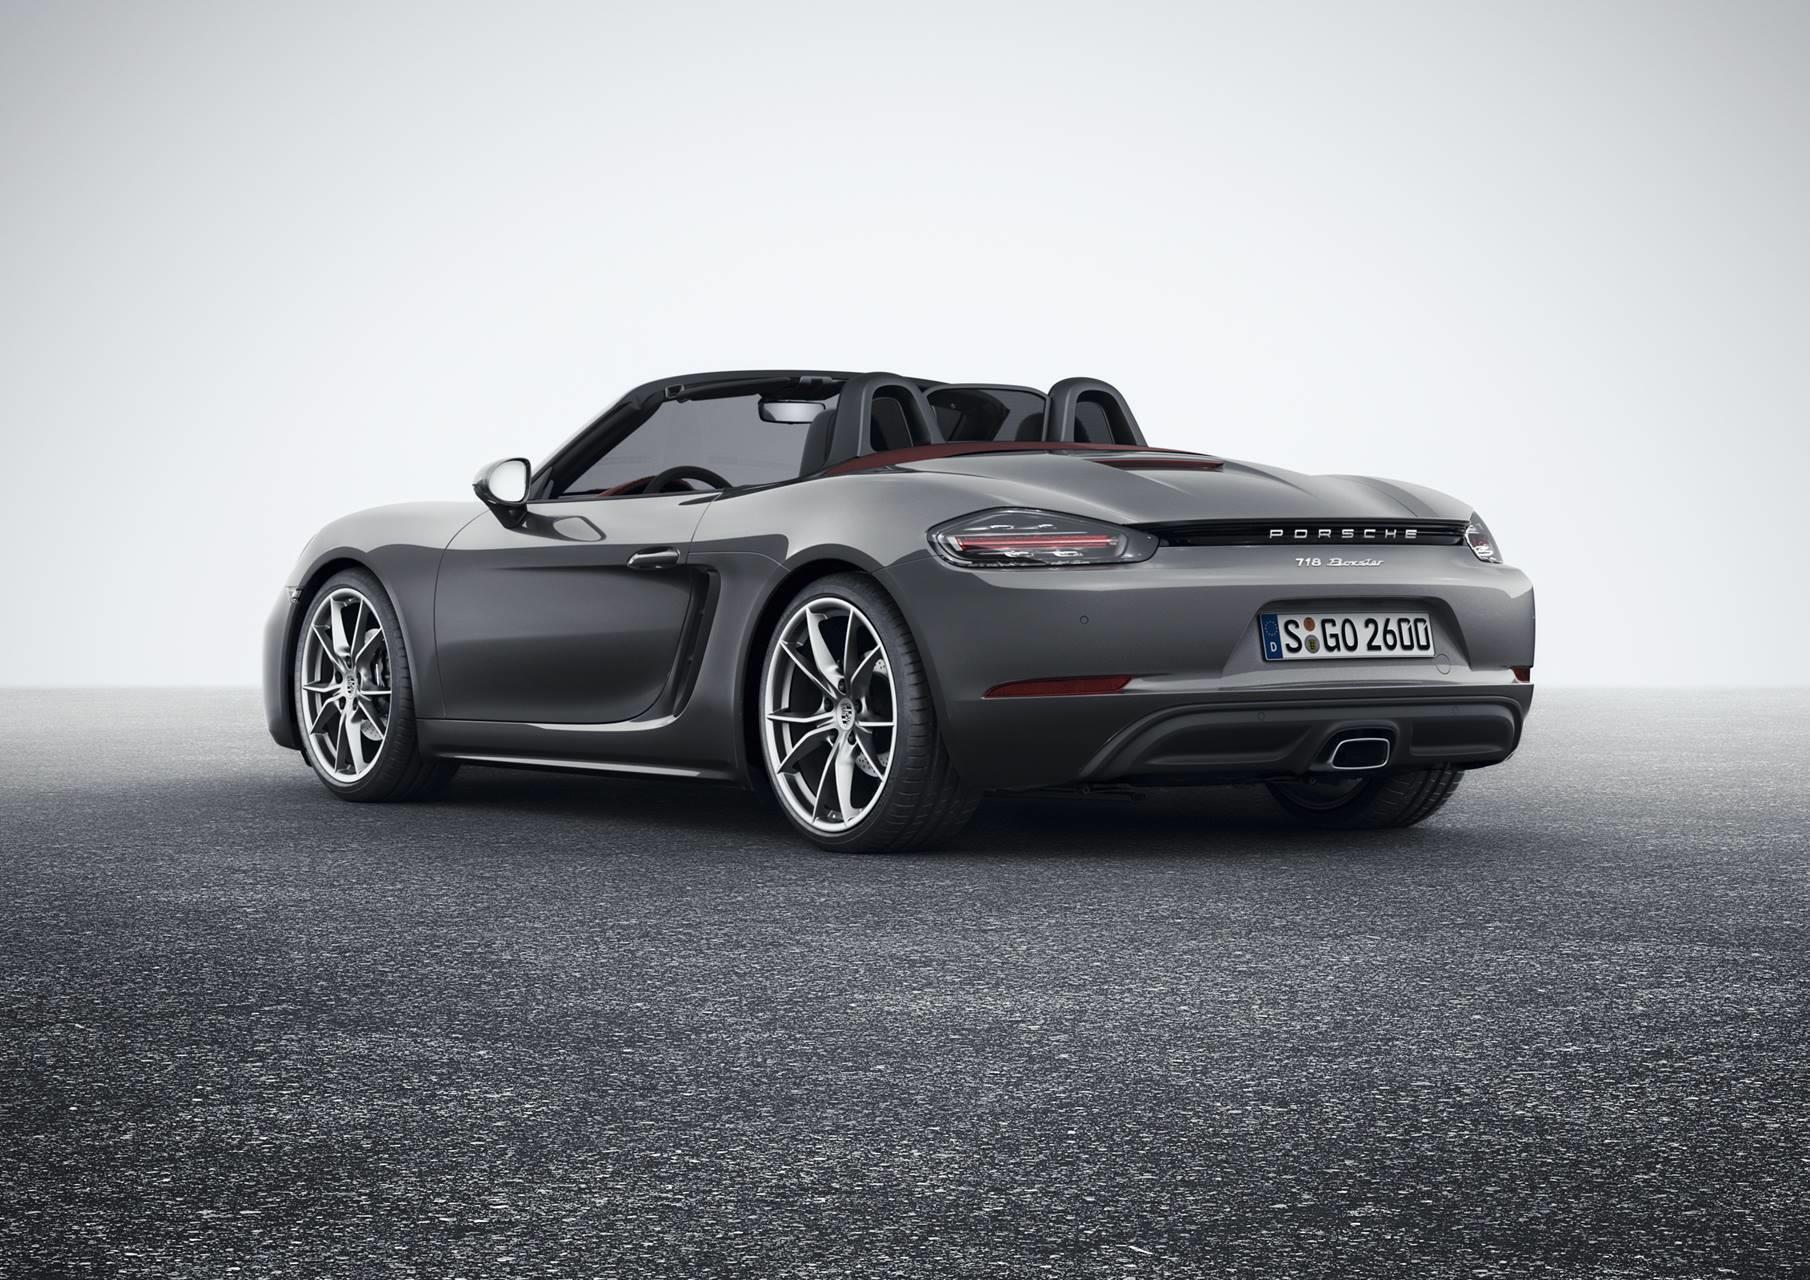 2019 Porsche 718 Boxster Wallpapers Hd Drivespark